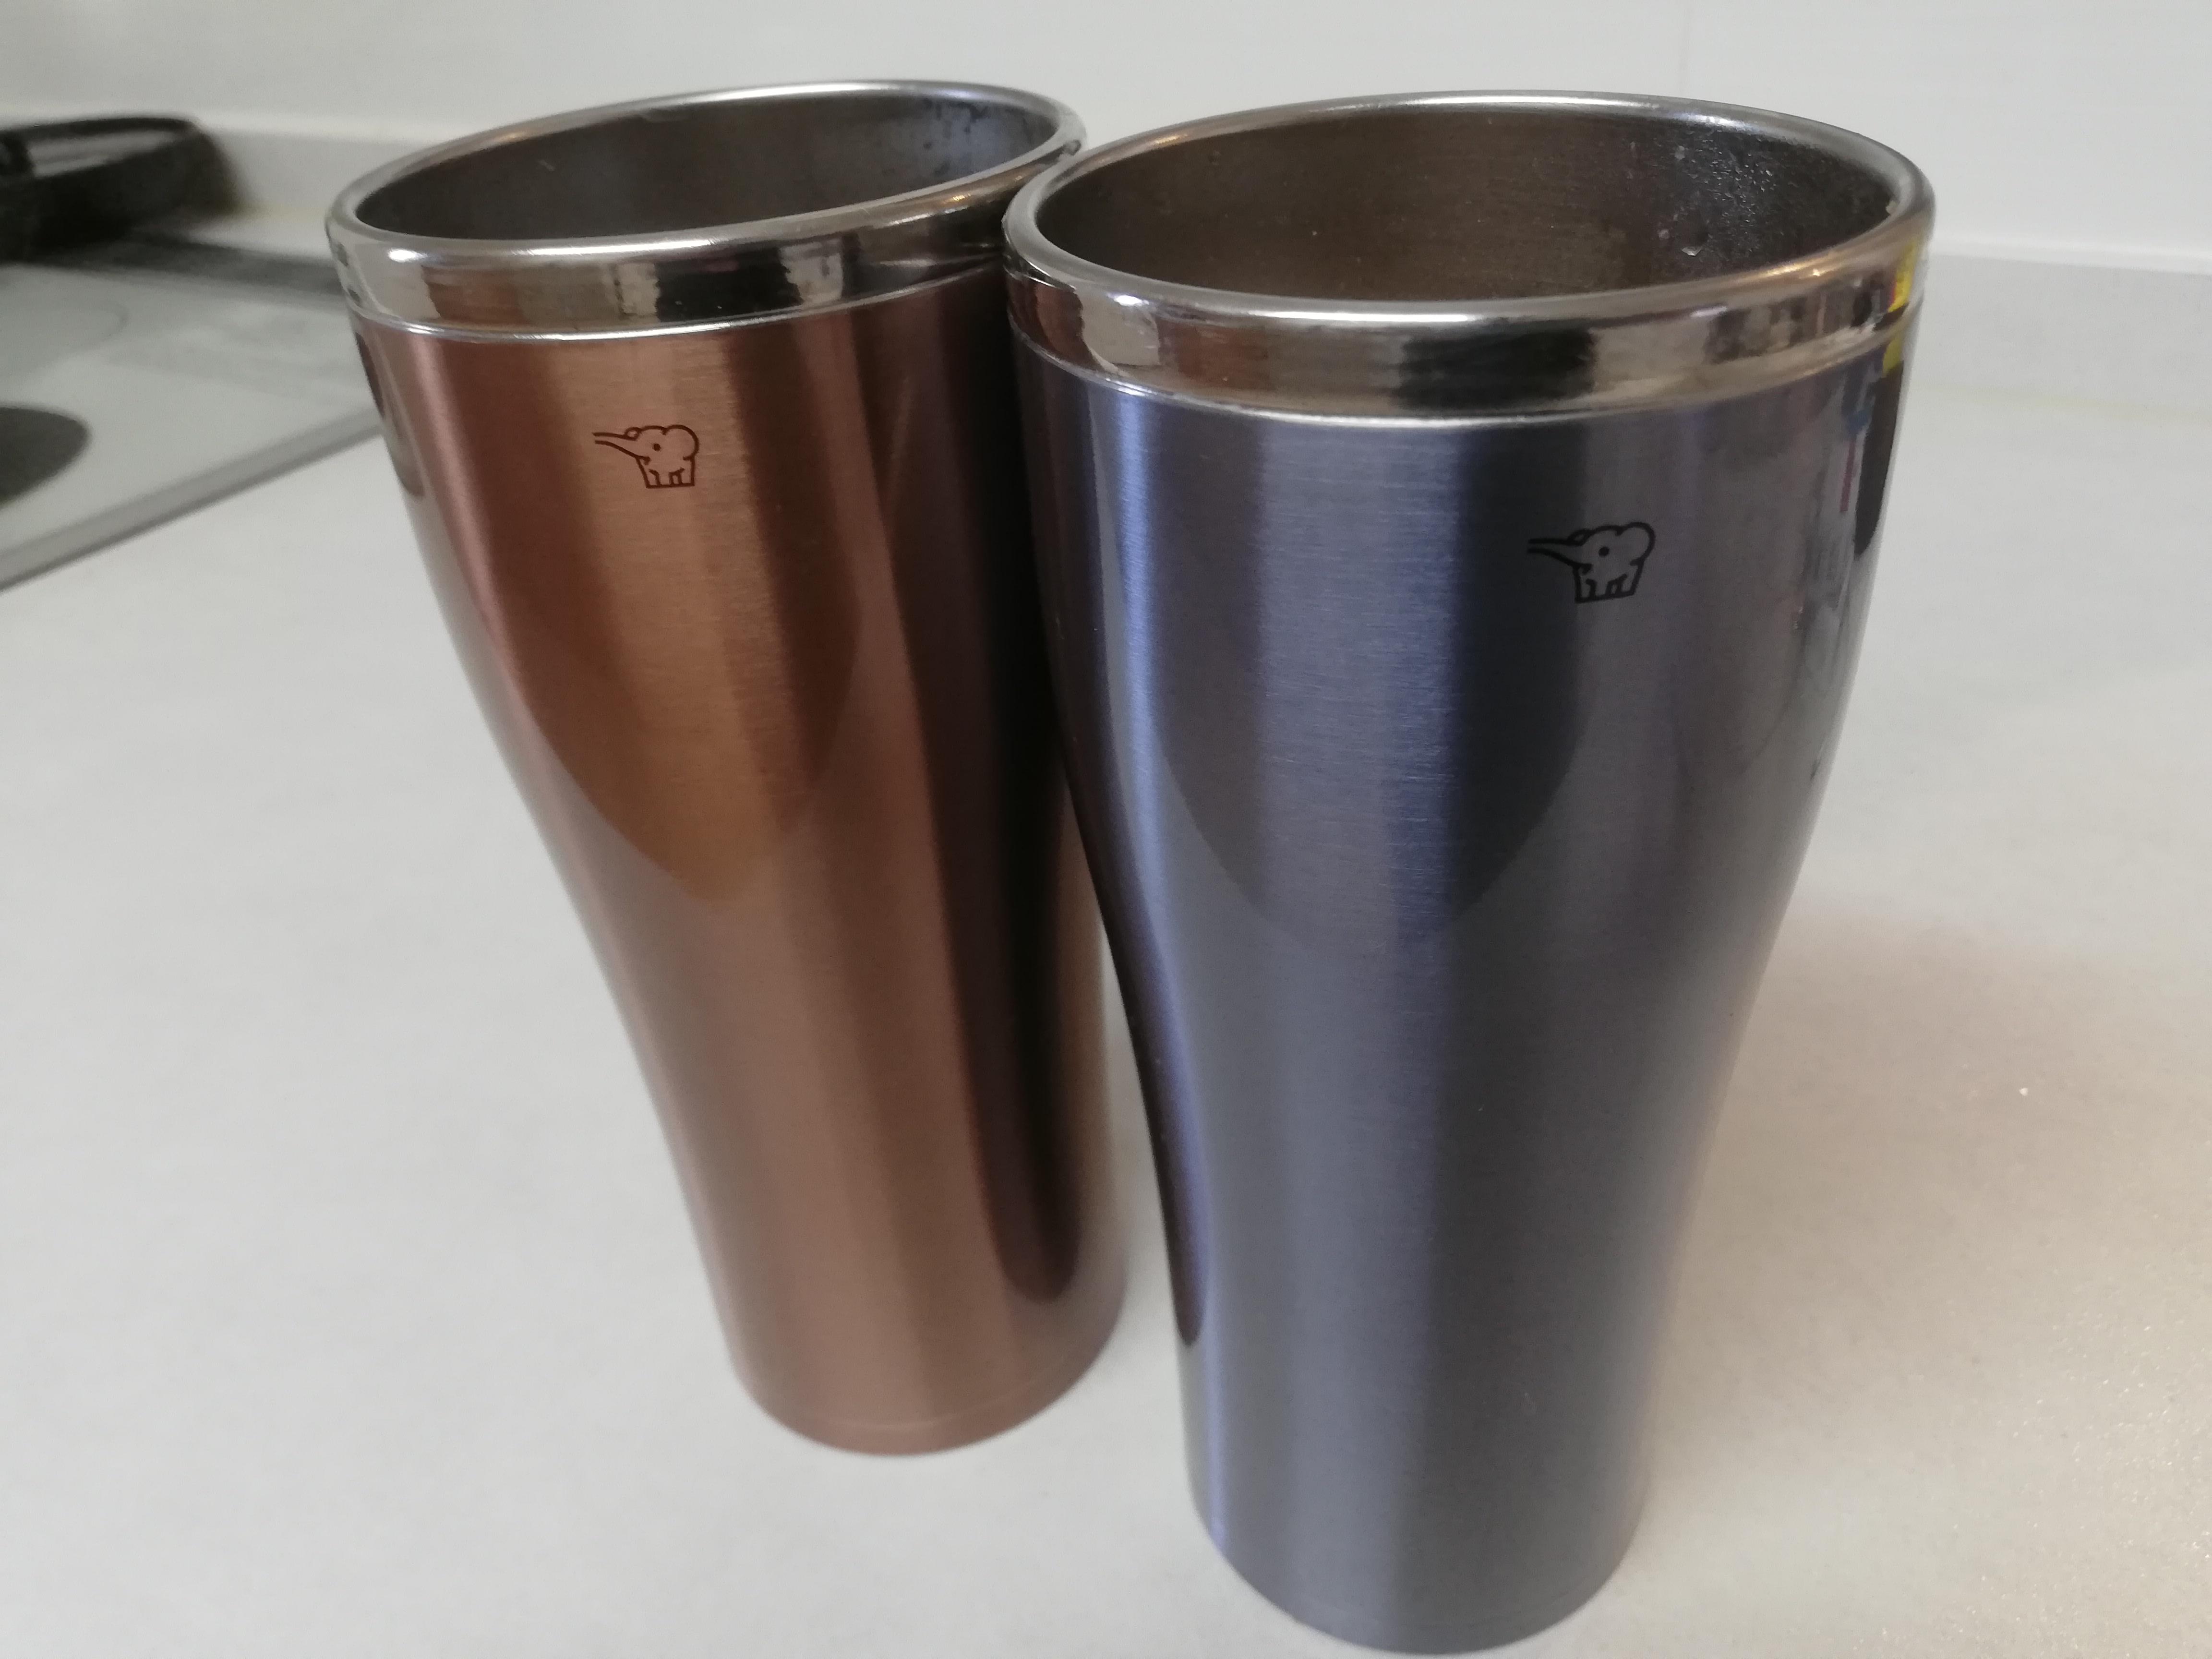 象印の魔法瓶タンブラーがデザイン、保温保冷、大きさ、すべてにおいて完璧!